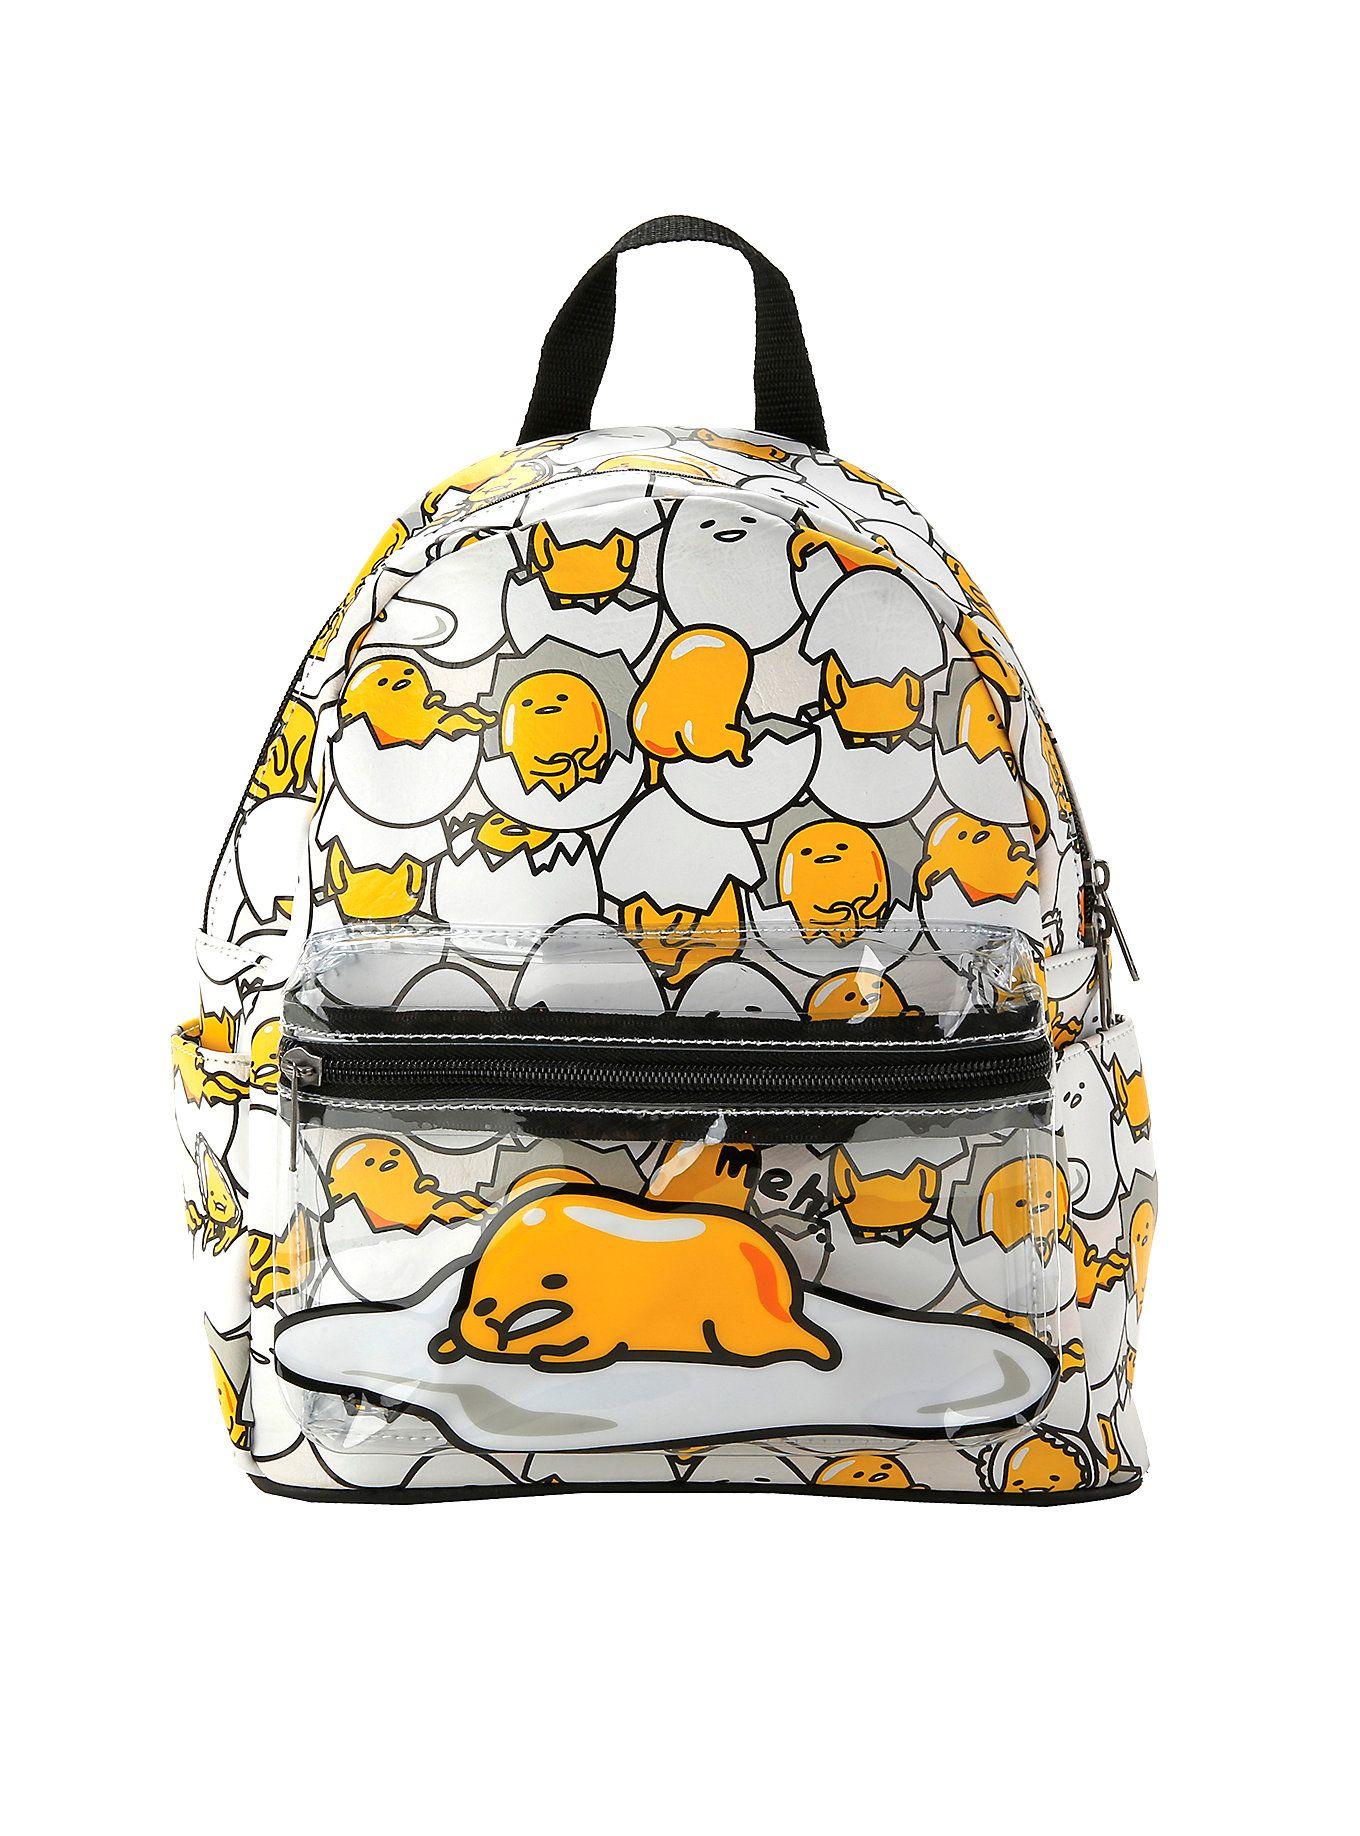 Loungefly Gudetama Mini Backpack Mini Backpack Pretty Backpacks